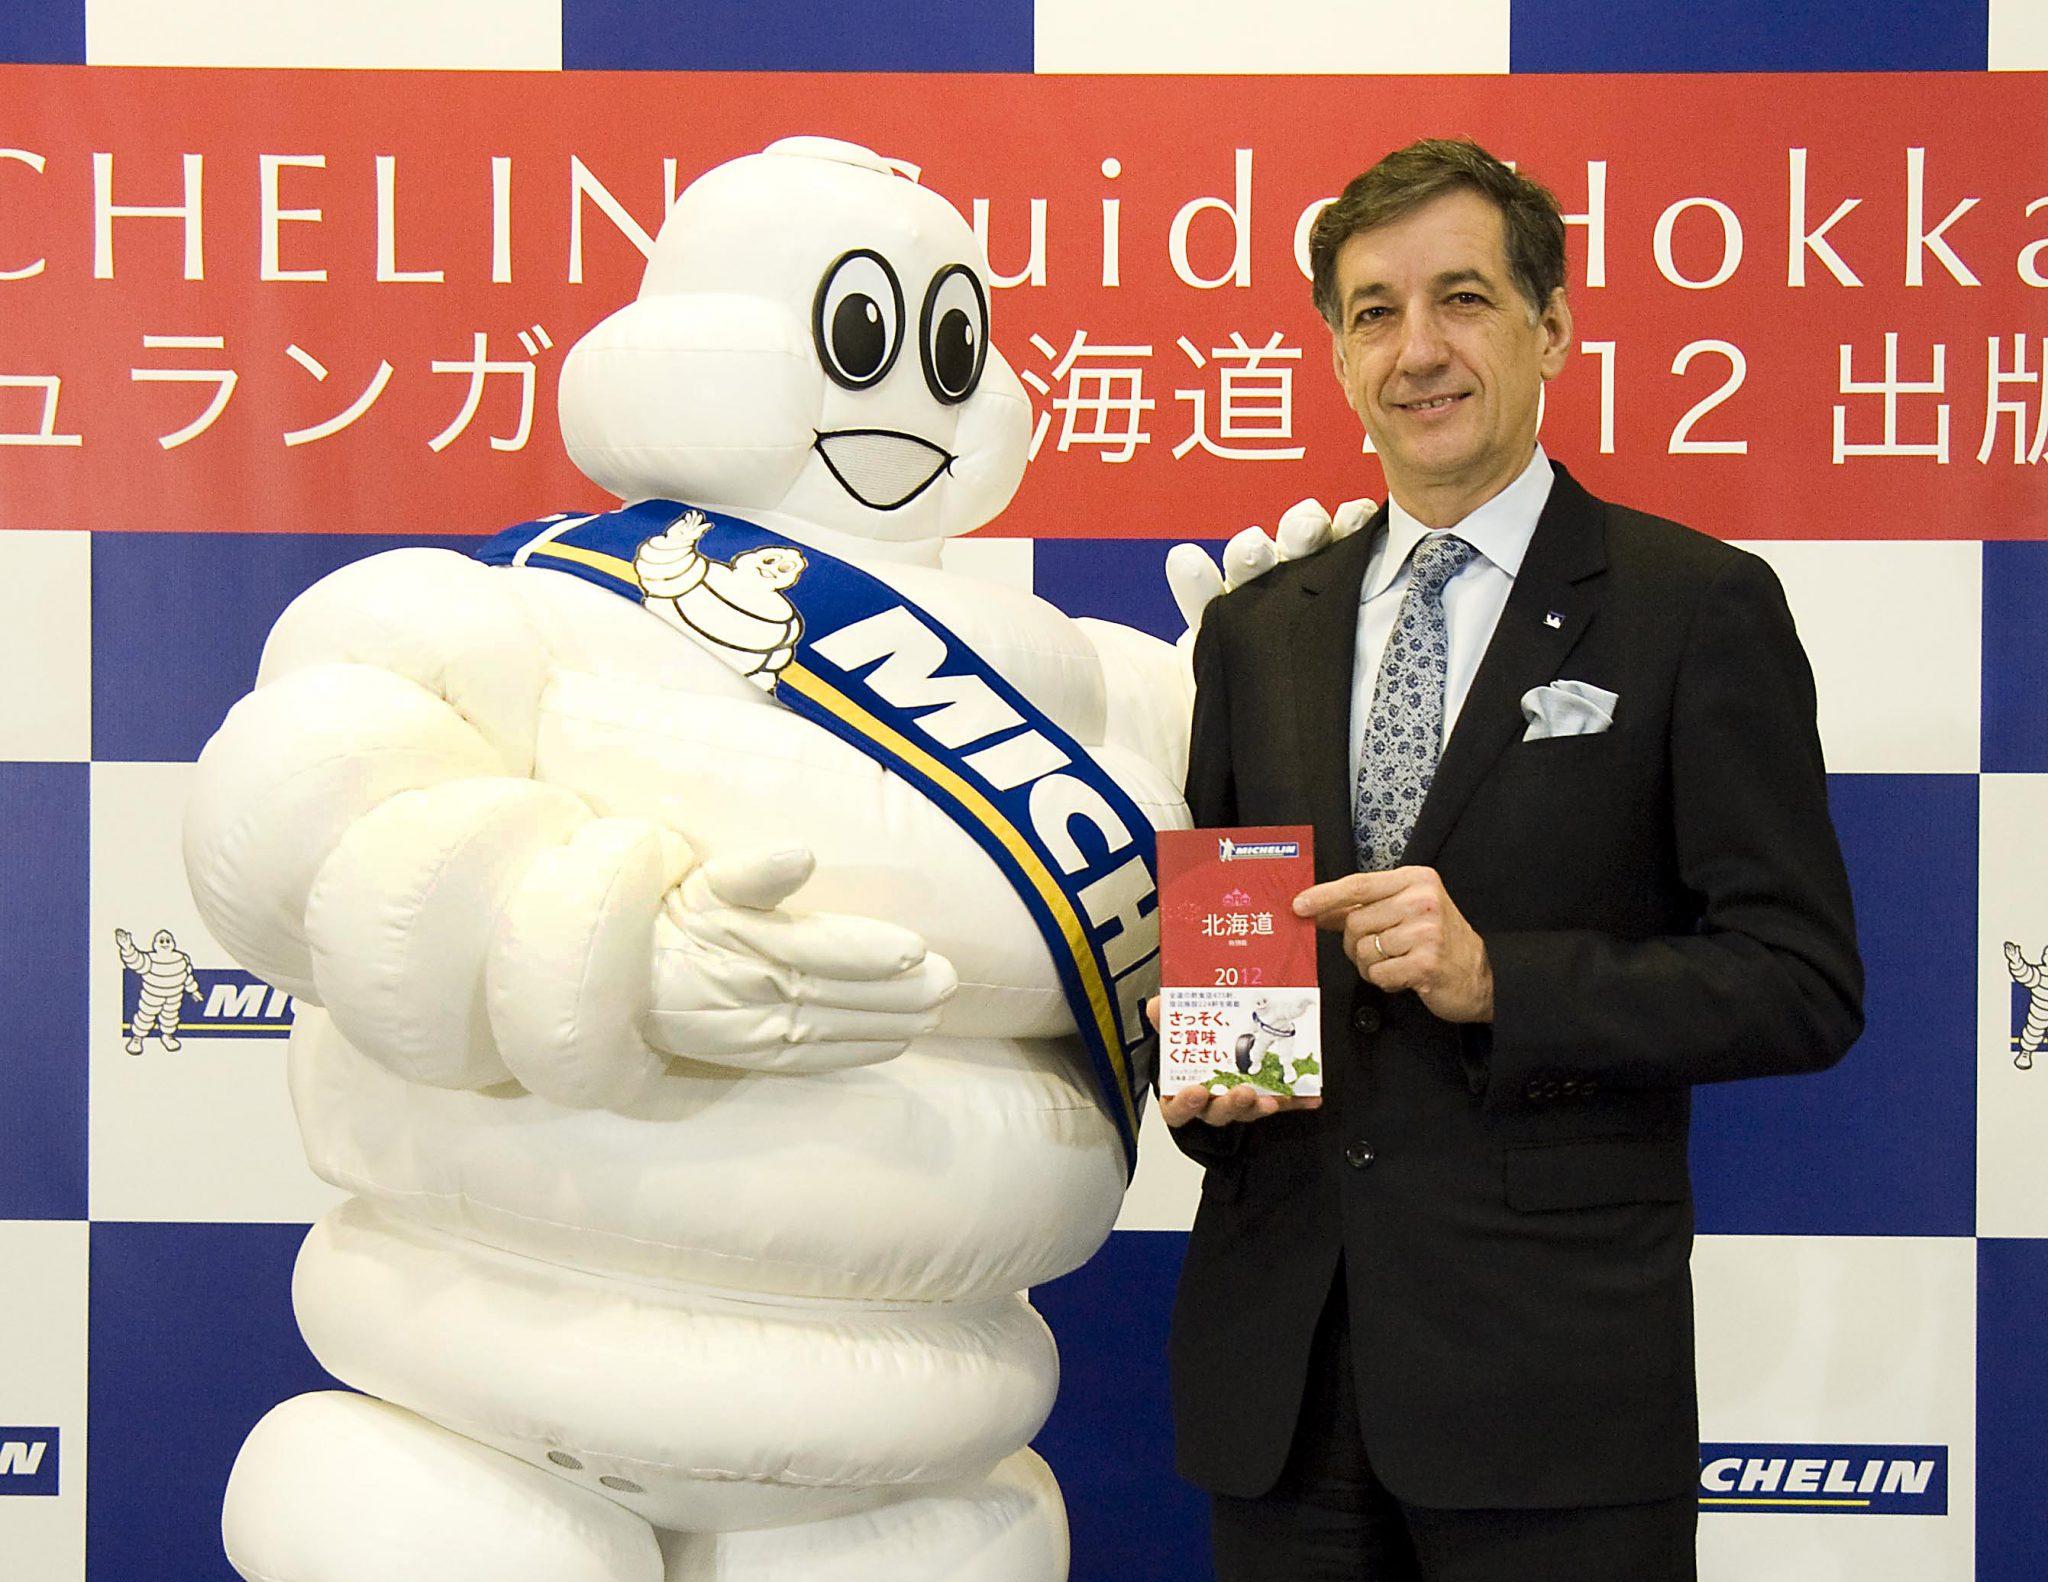 ミシュランガイド 北海道 2012 出版記念パーティー ミシュランマンとデルマス社長